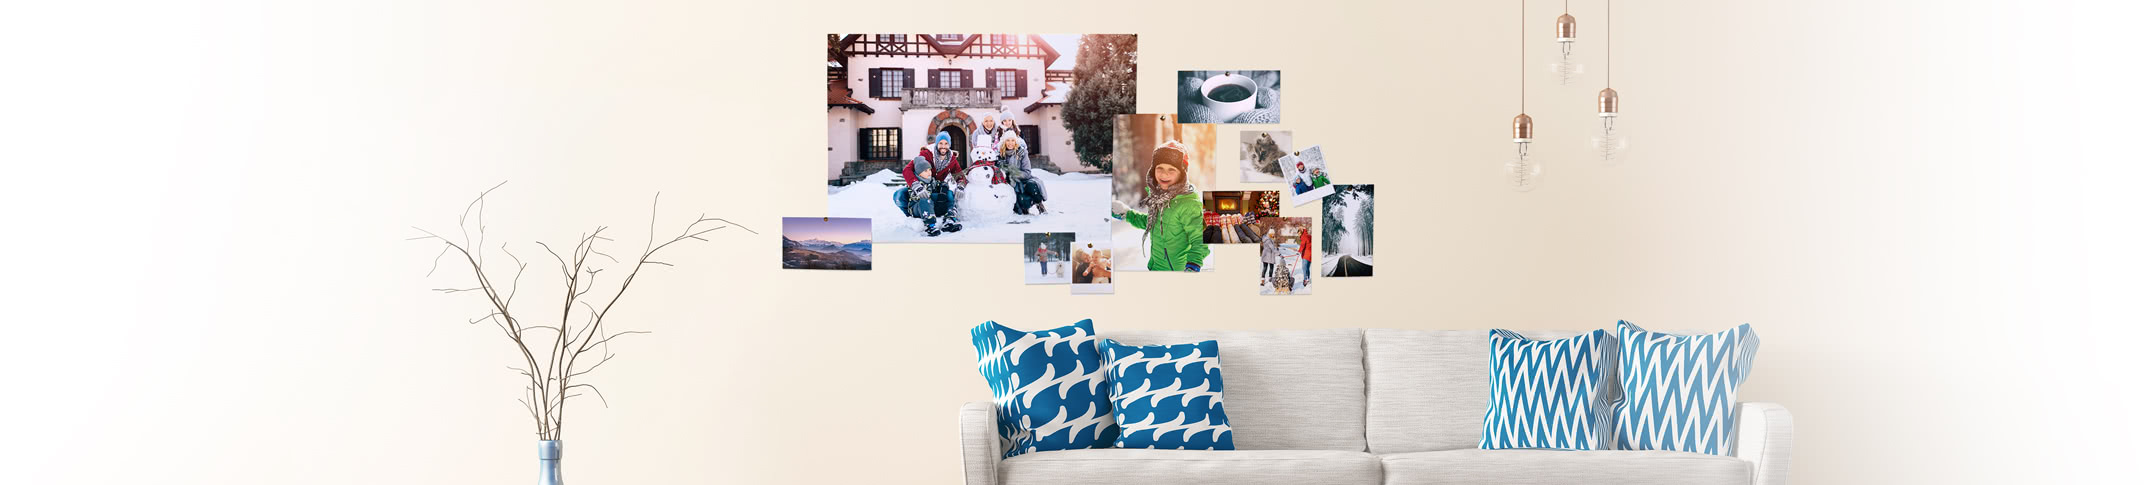 Fotoprints & Fotoposter